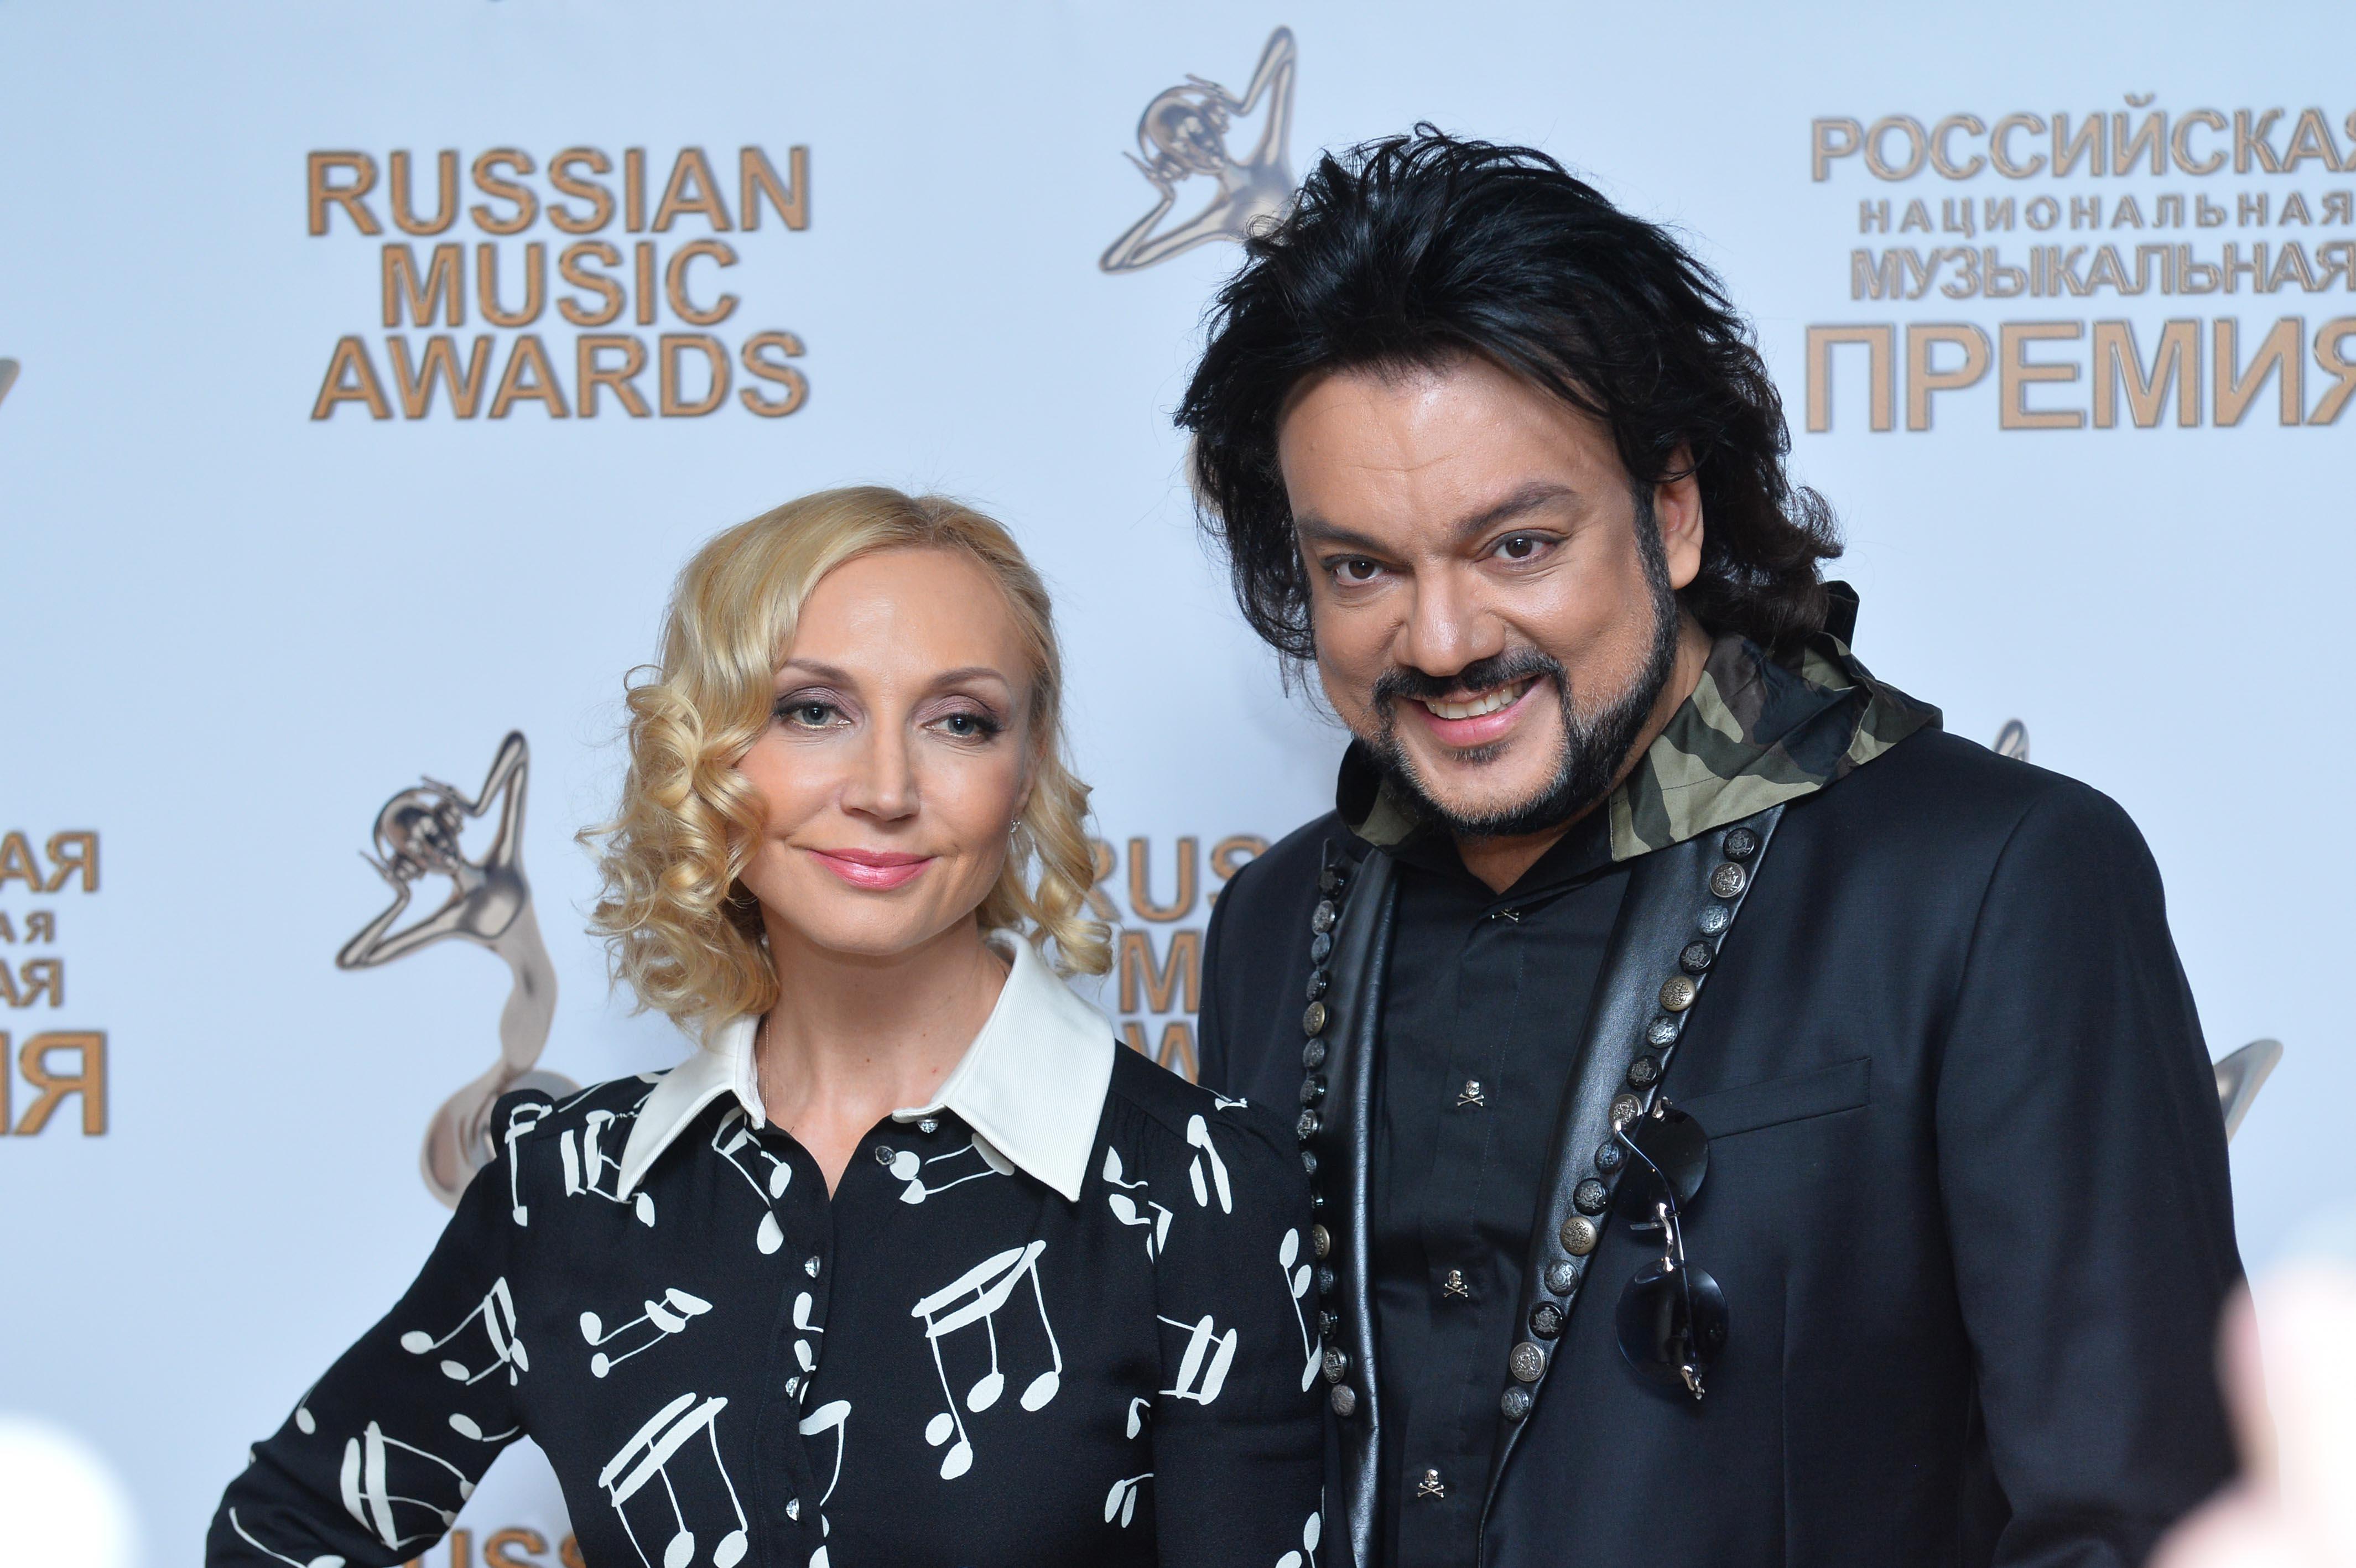 С надеждой на честность: кому и зачем нужен русский аналог Grammy